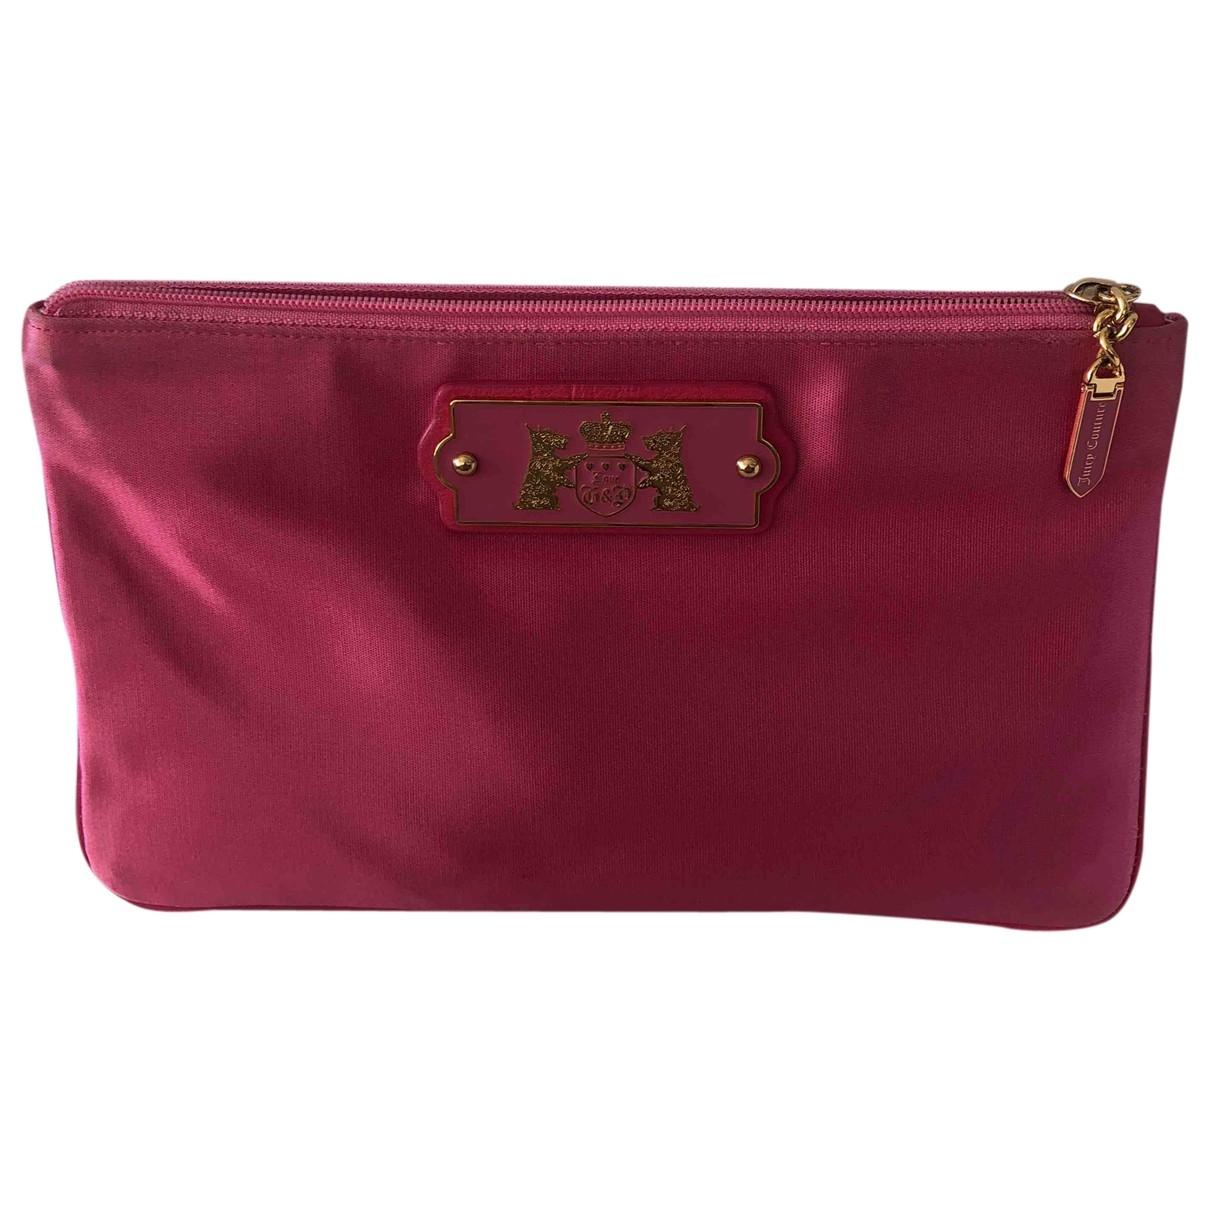 Juicy Couture - Petite maroquinerie   pour femme en autre - rose